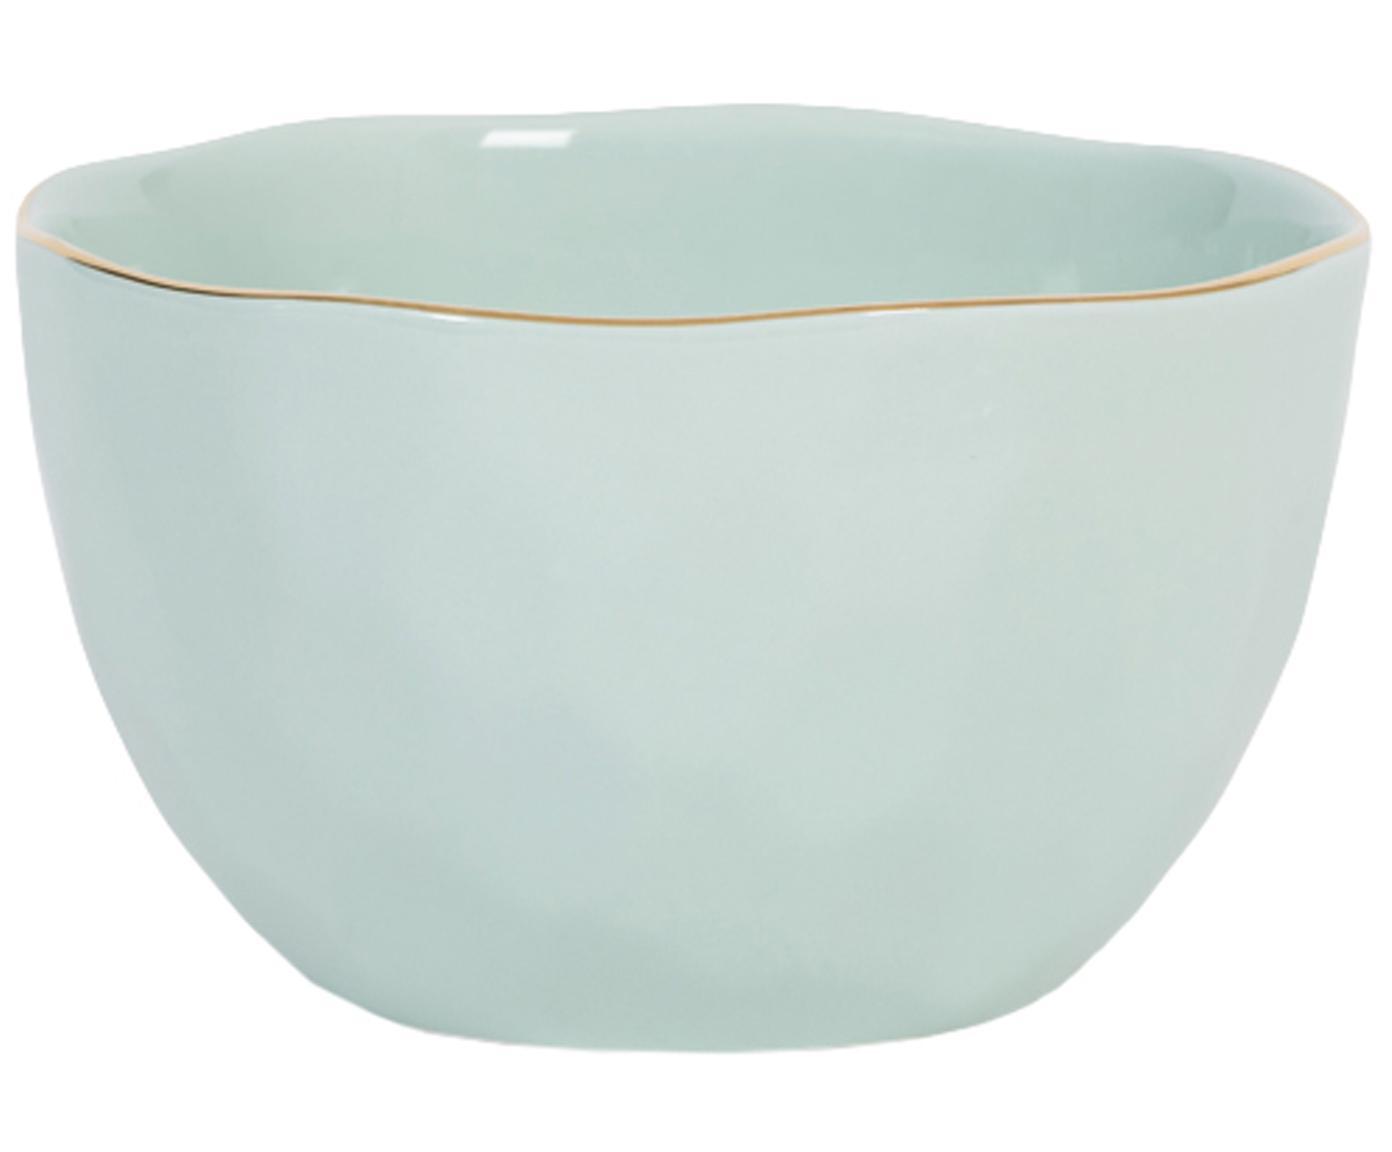 Cuencos Good Morning, Porcelana, Menta, dorado, Ø 14 cm